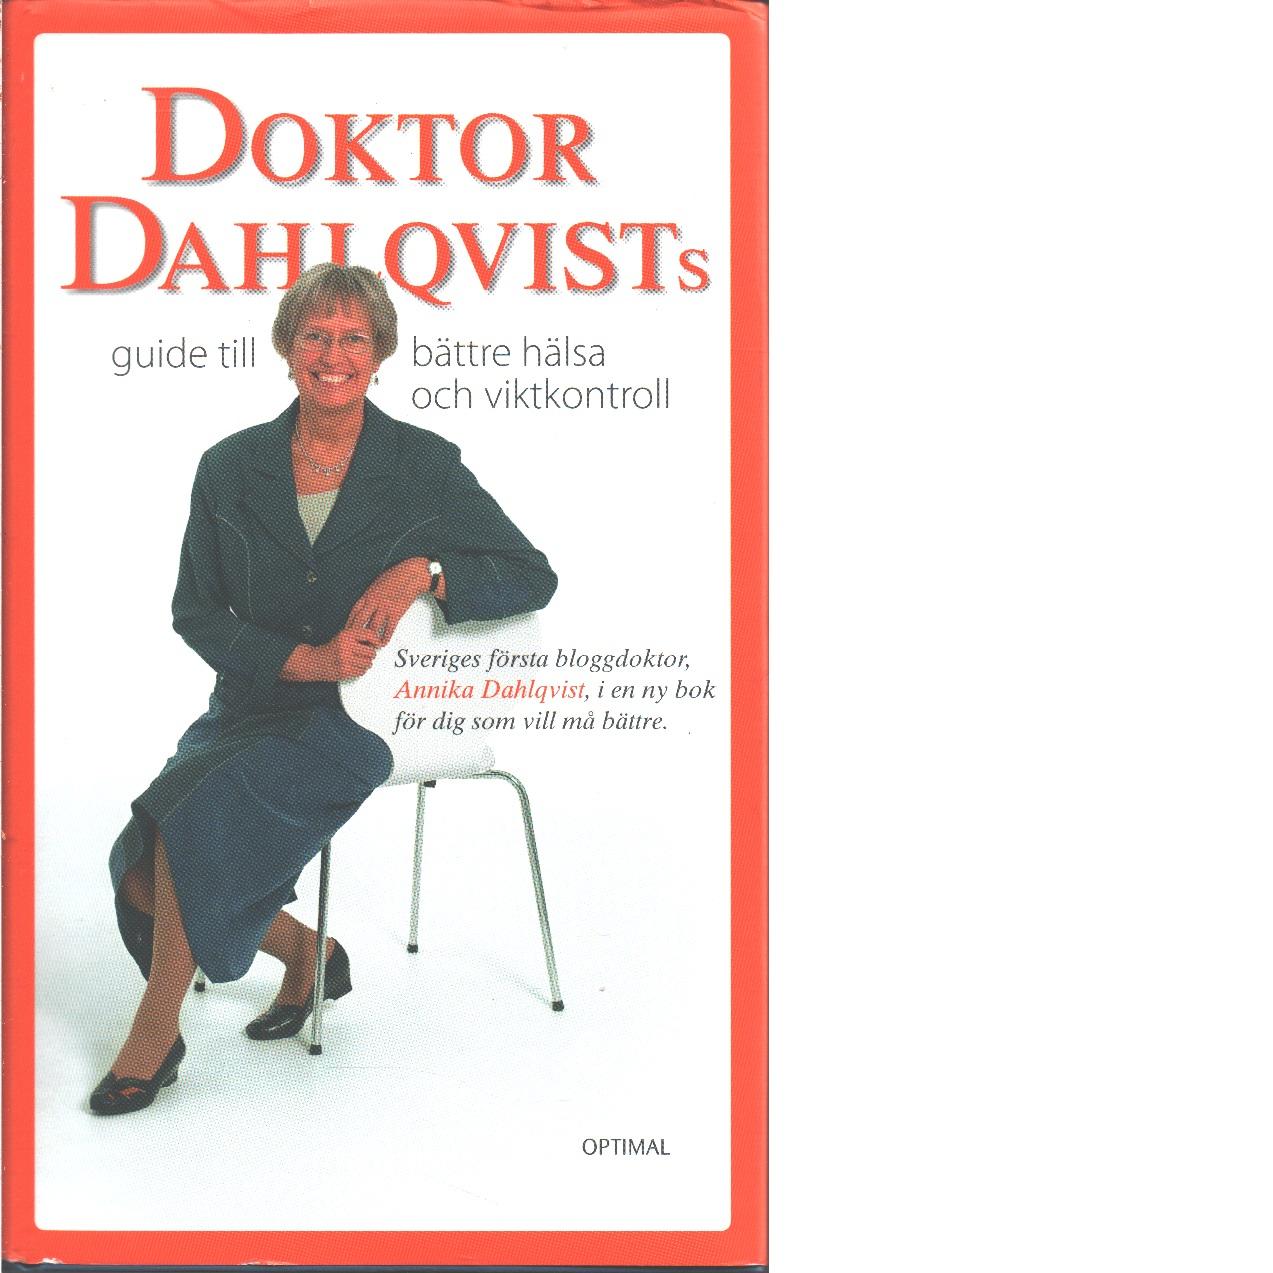 Doktor Dahlqvists guide till bättre hälsa och viktkontroll  - Dahlqvist, Annika